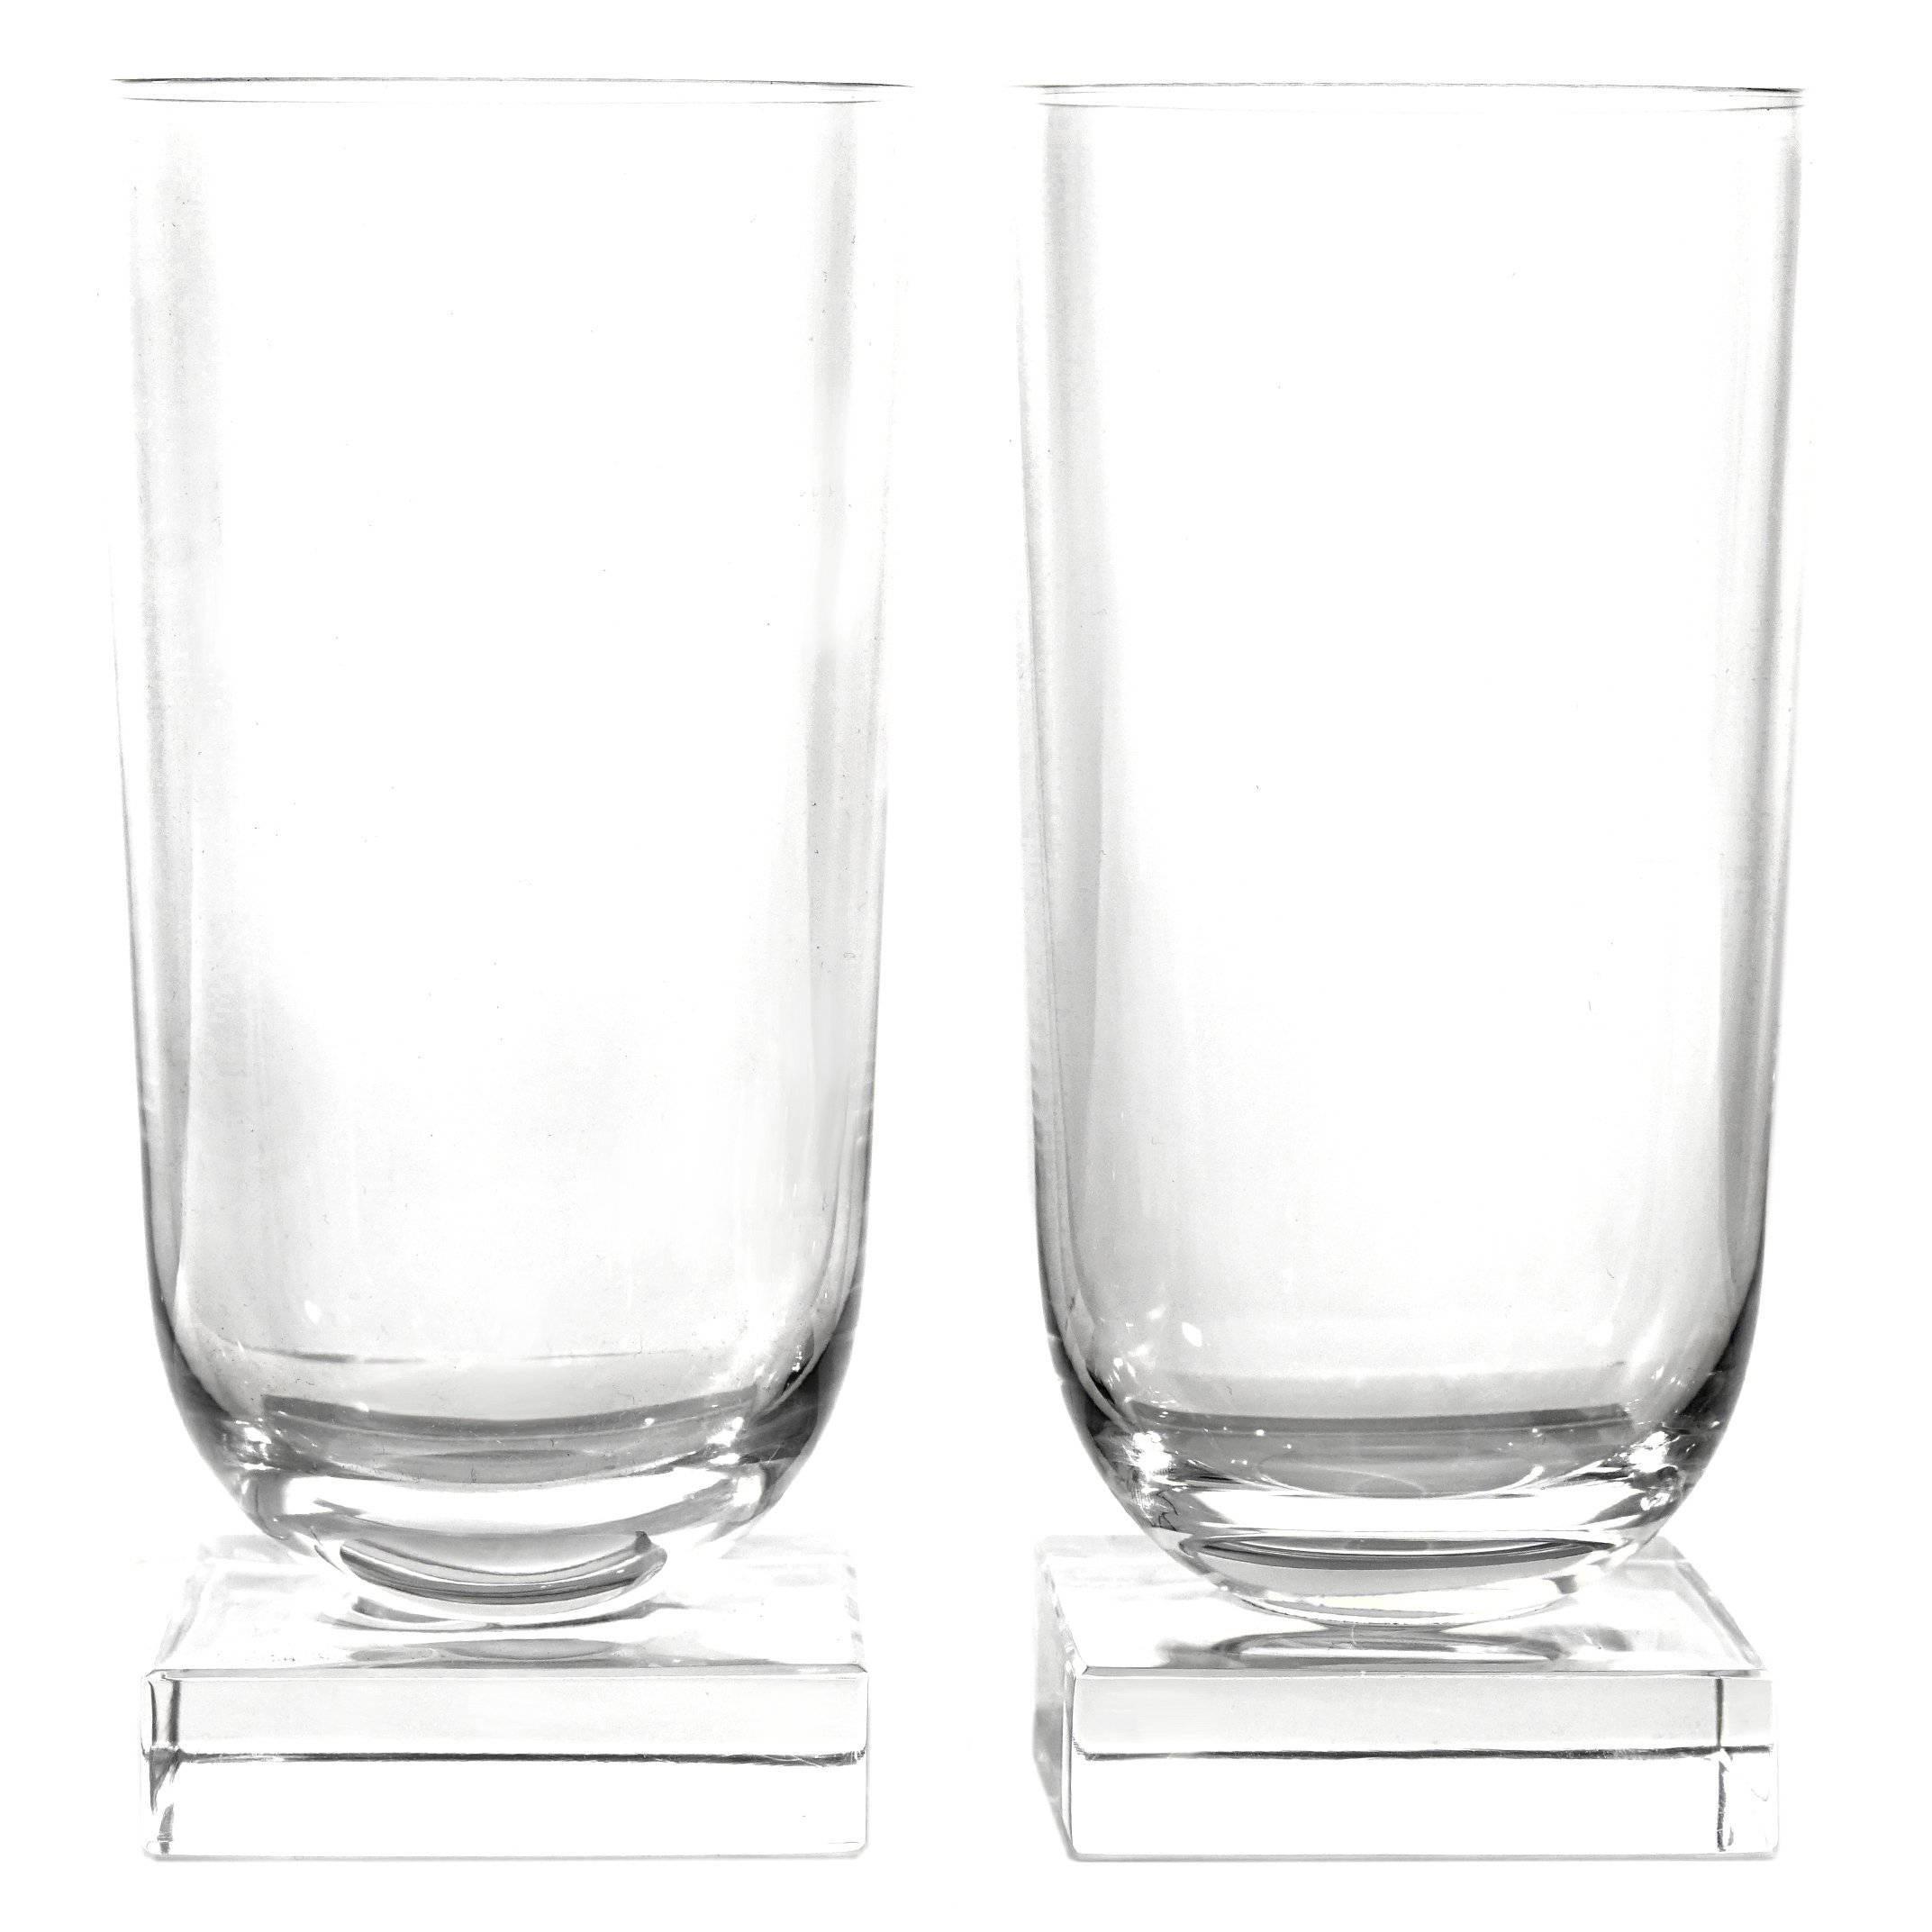 12 Art Deco Libbey Knickerbocker Water Glasses c1933 American